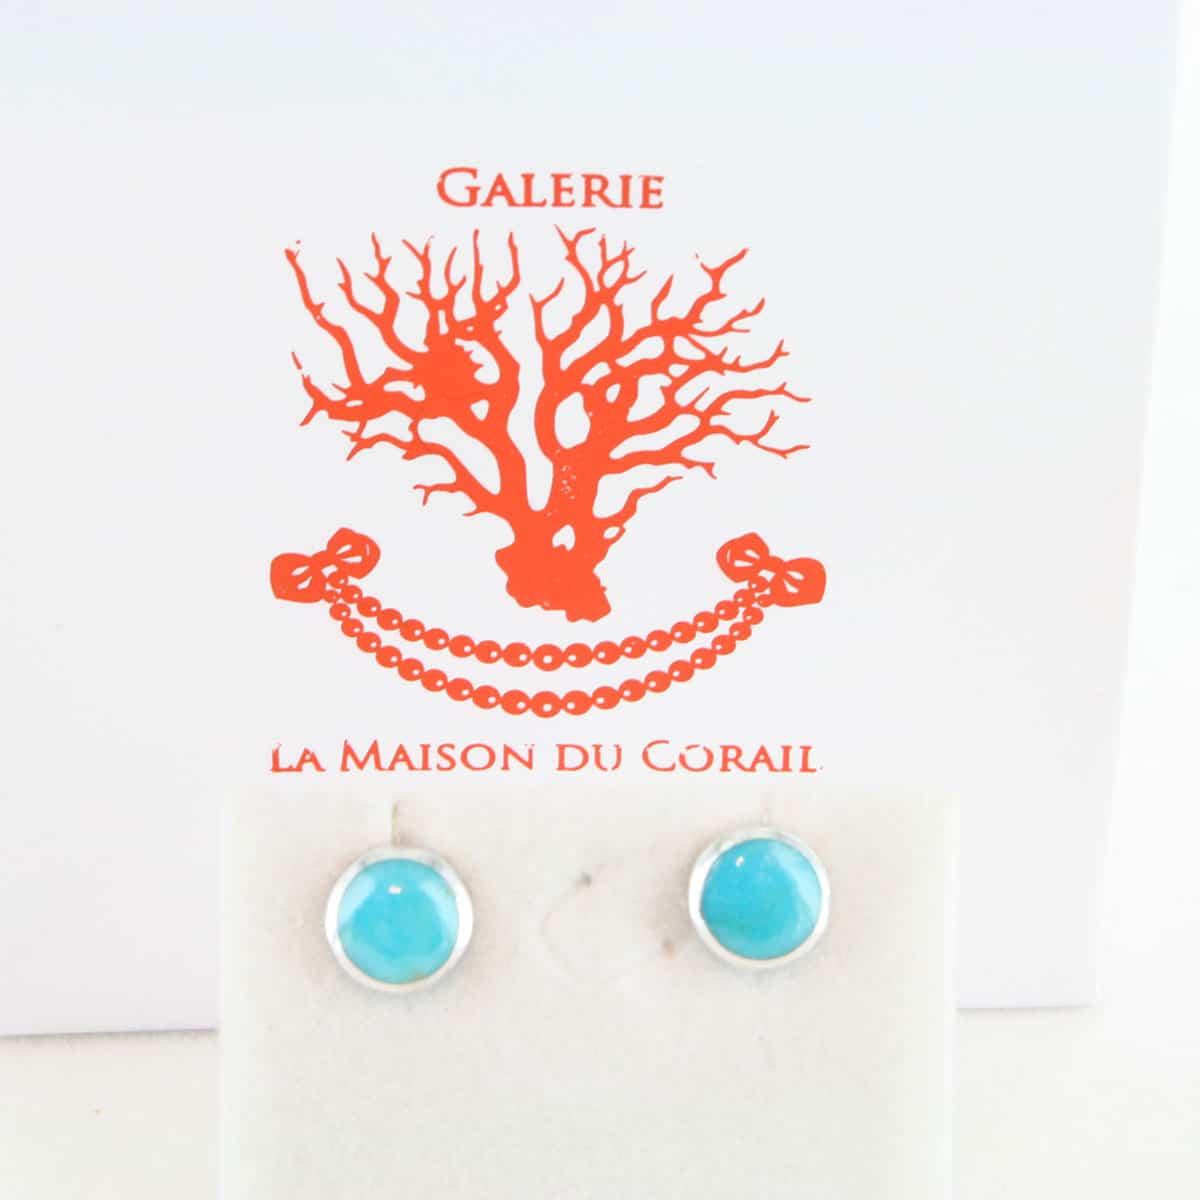 Boucles d'Oreilles en turquoise véritable et argent 925 1000 BO-TU-AR-019